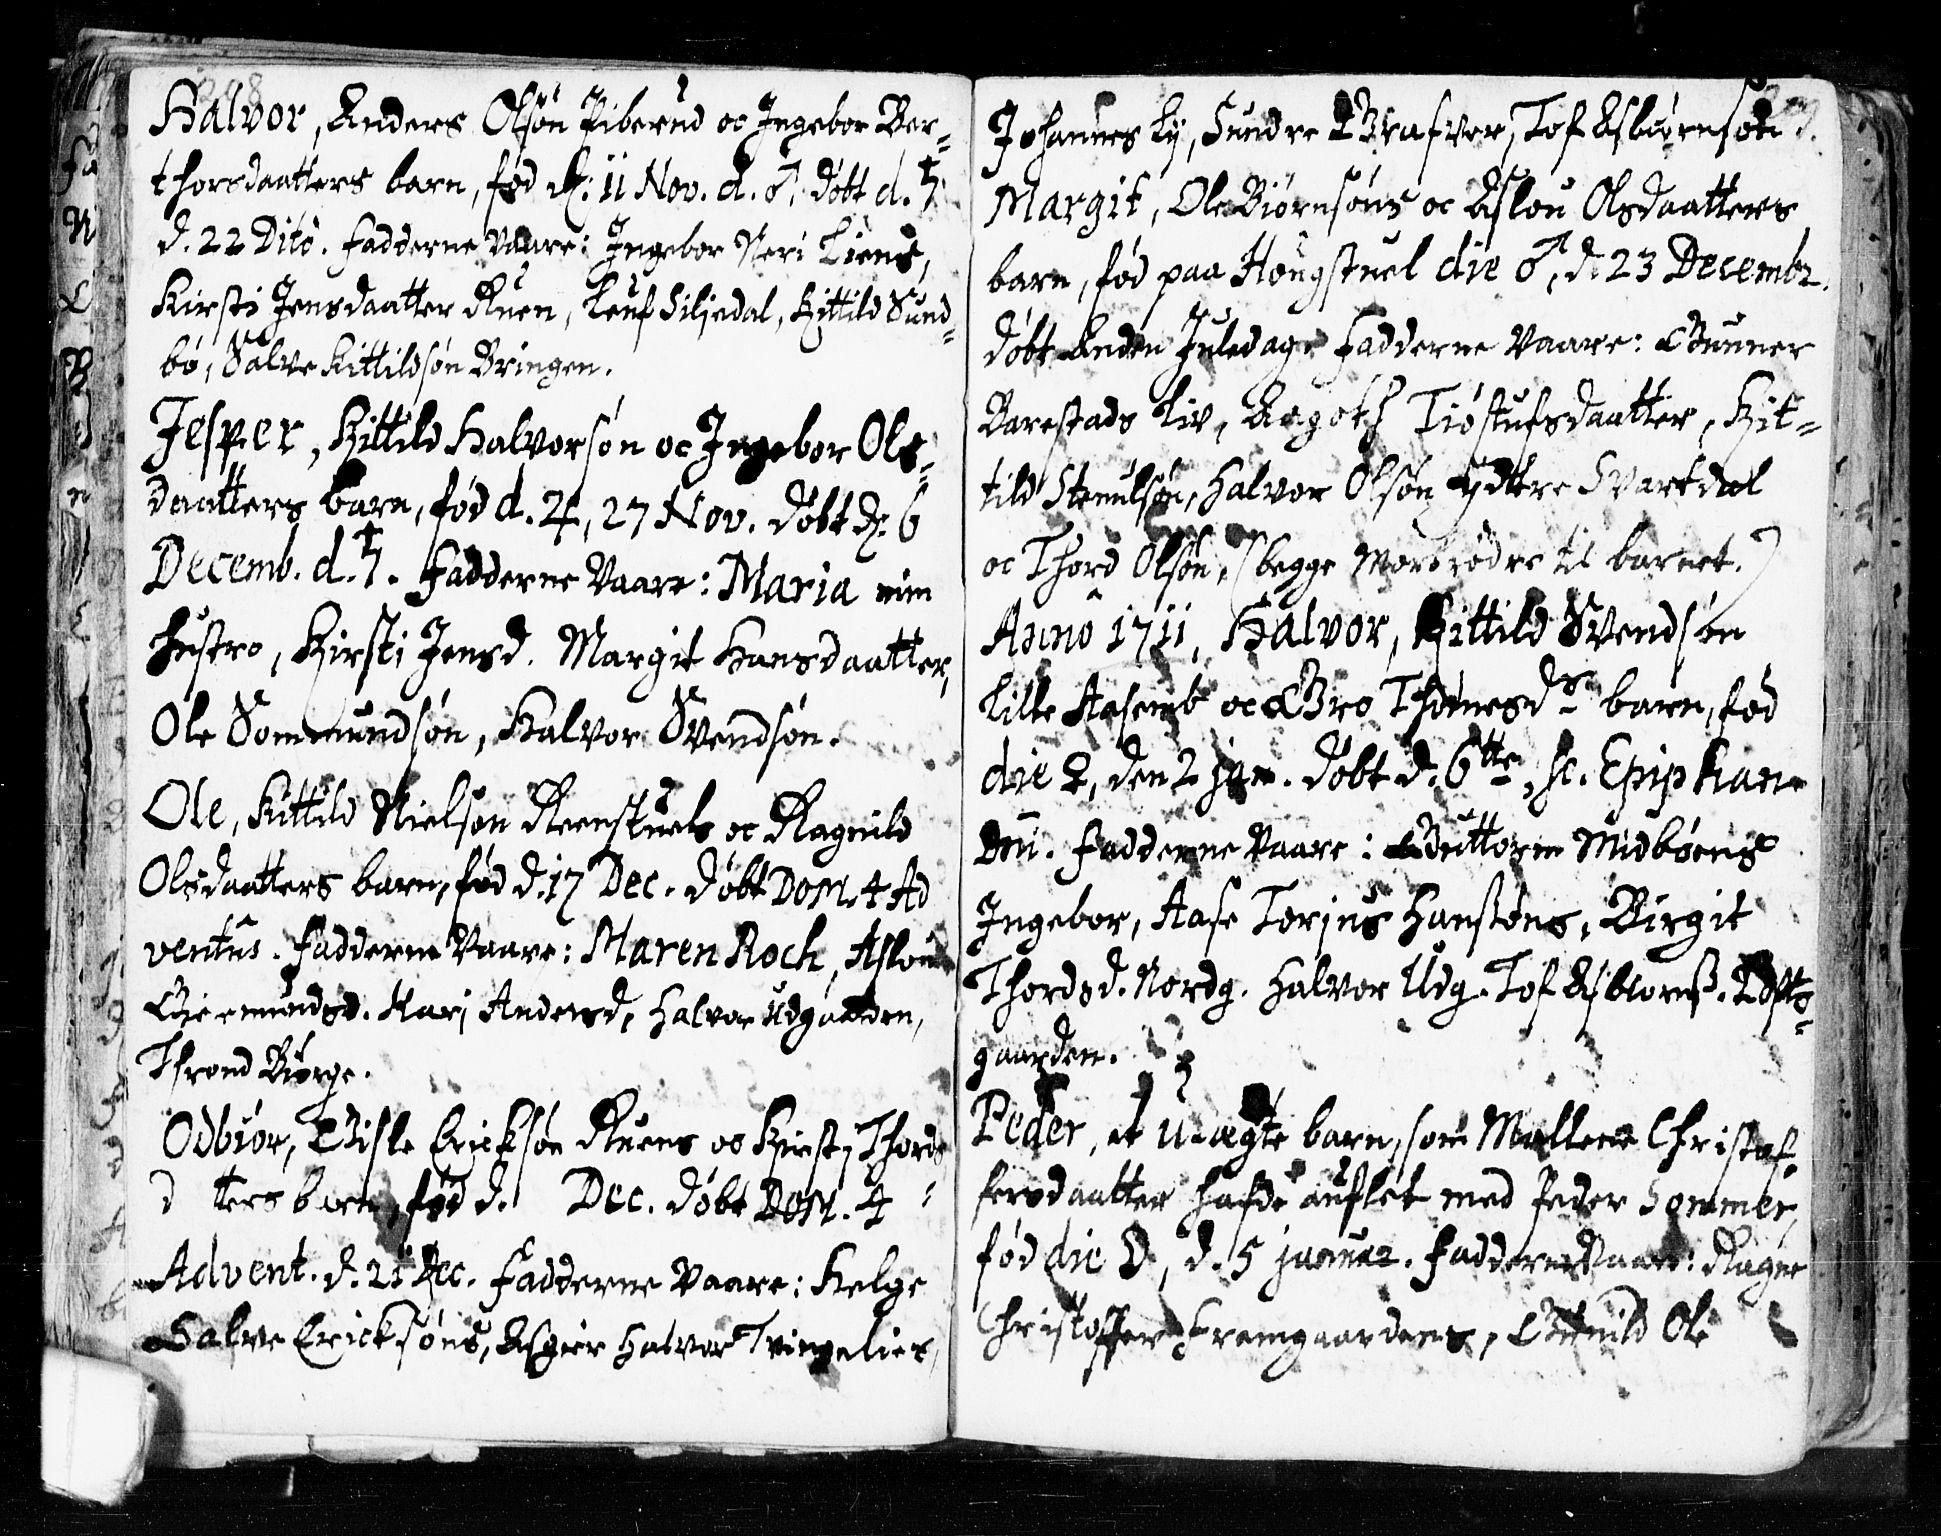 SAKO, Seljord kirkebøker, F/Fa/L0002: Ministerialbok nr. I 2, 1689-1713, s. 208-209